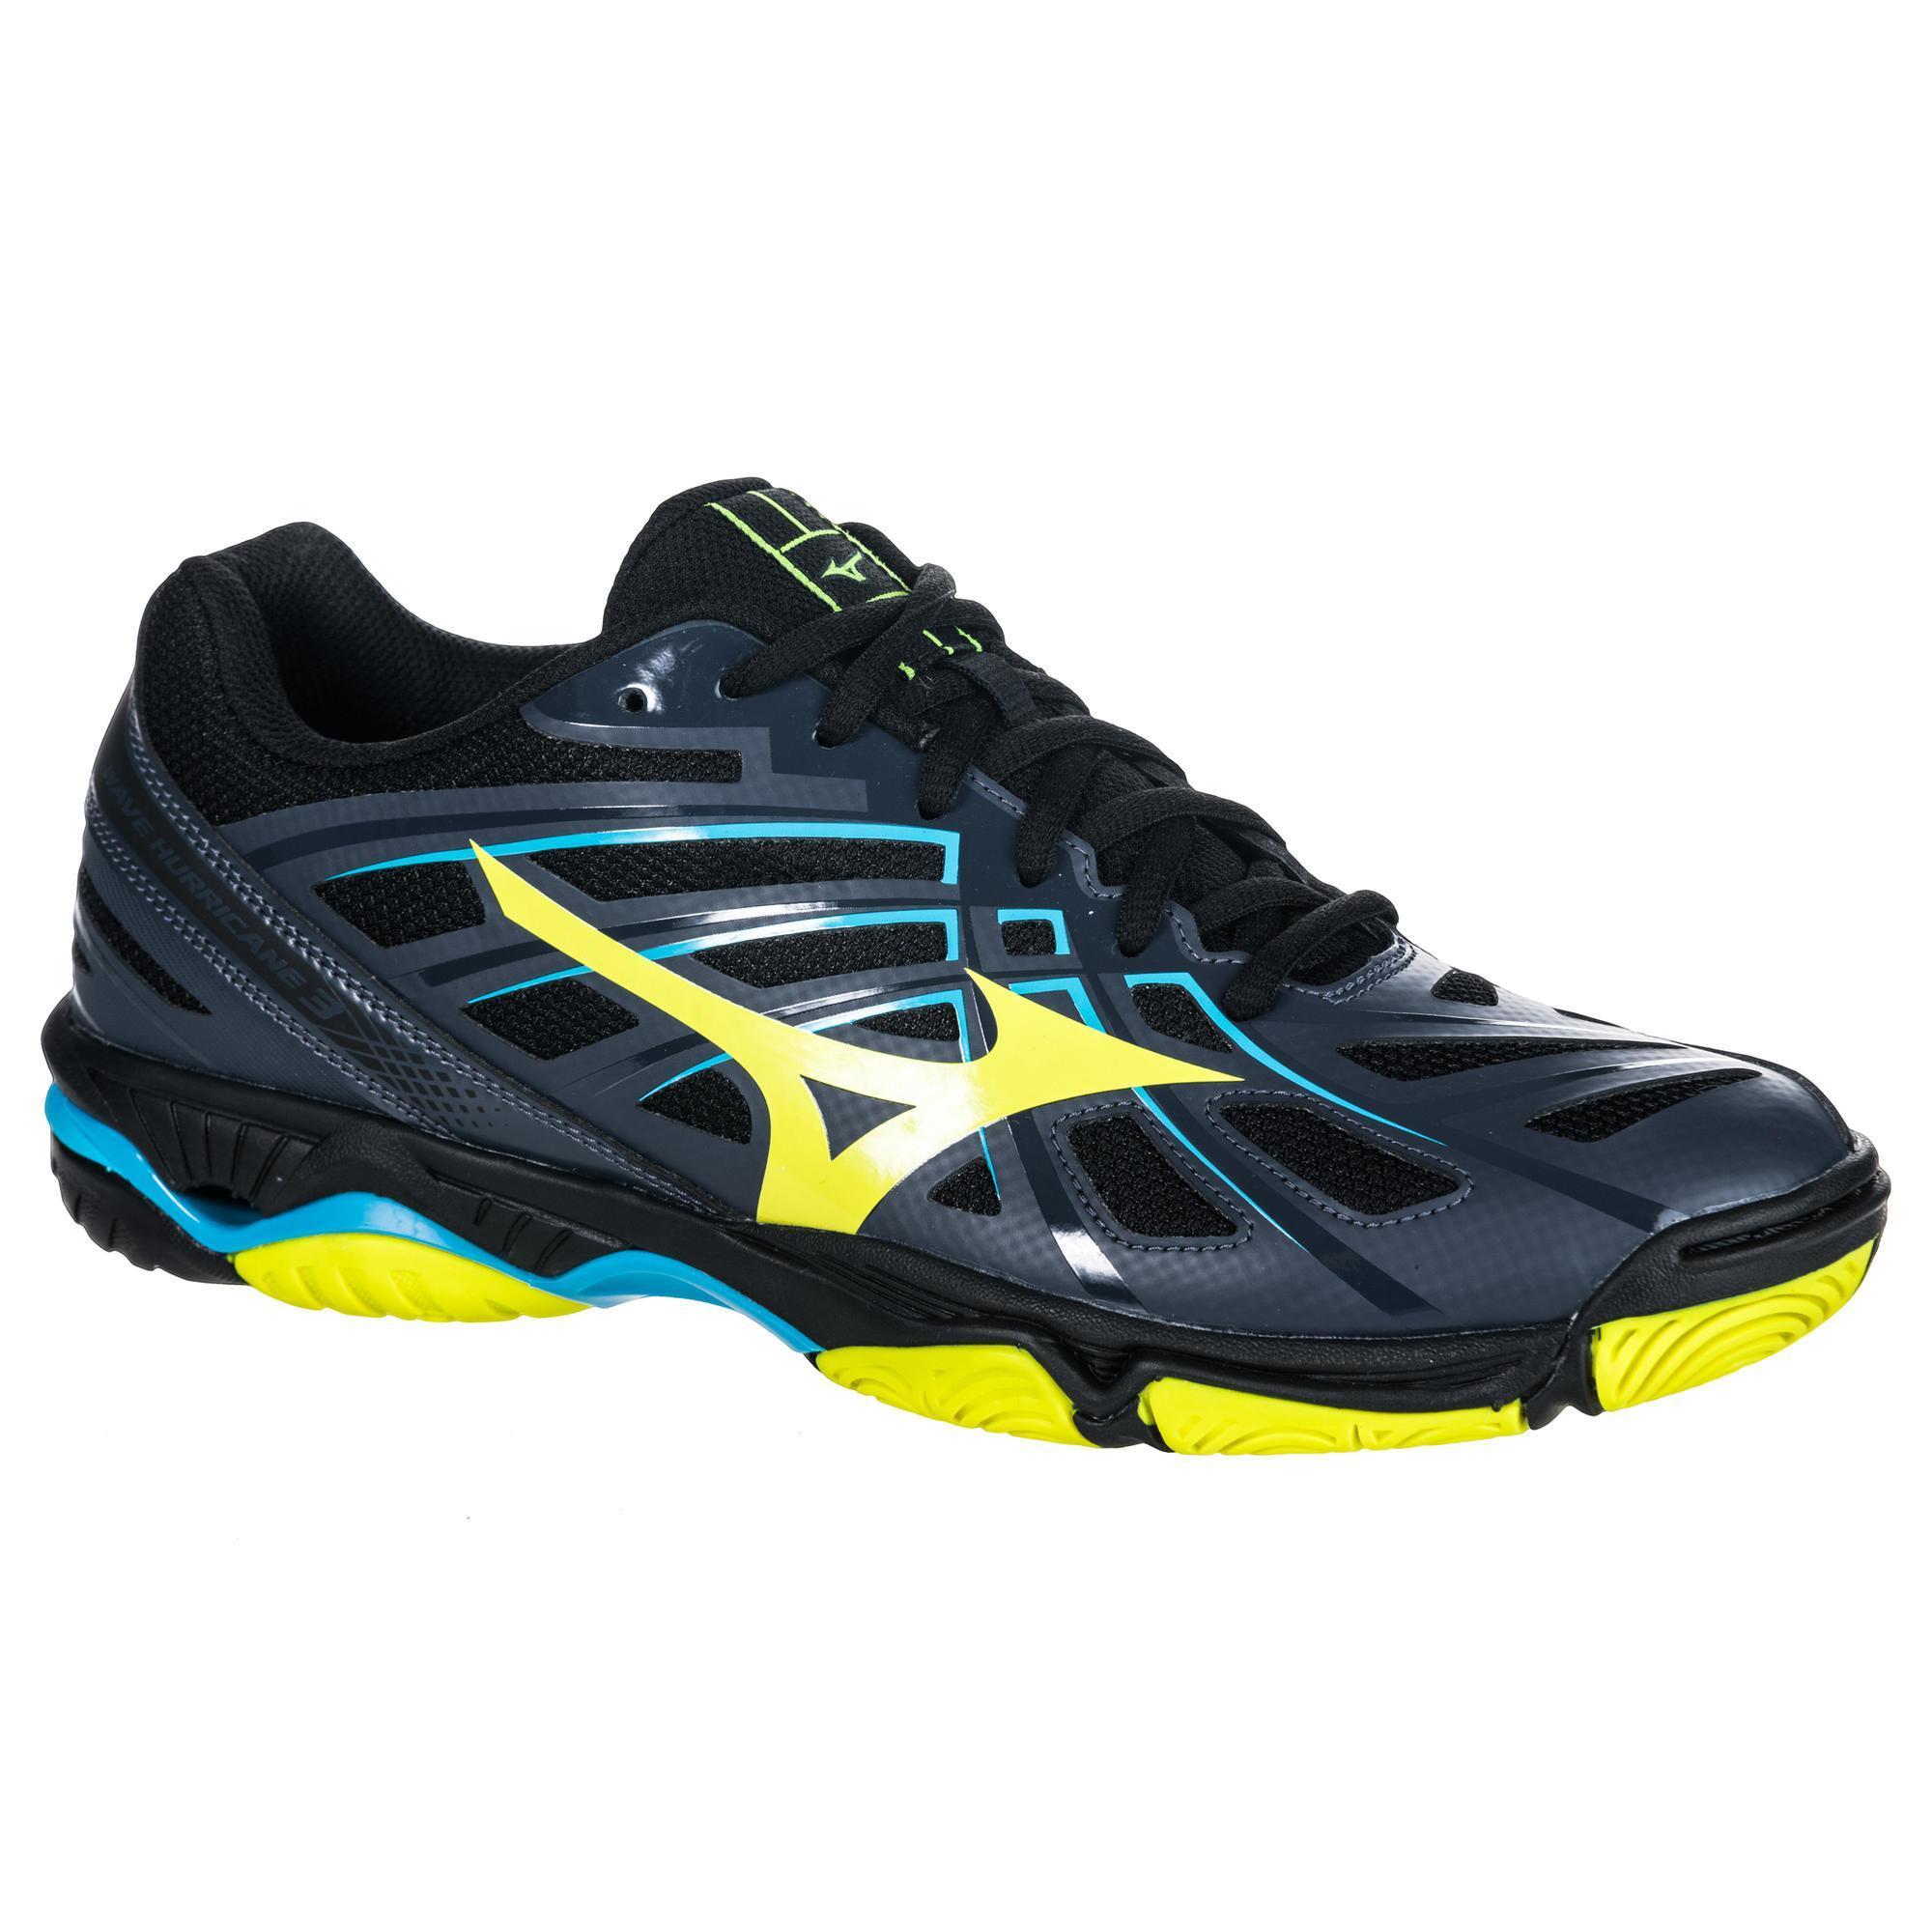 Mizuno Volleybalschoenen heren Wave Hurricane 3 zwart/geel